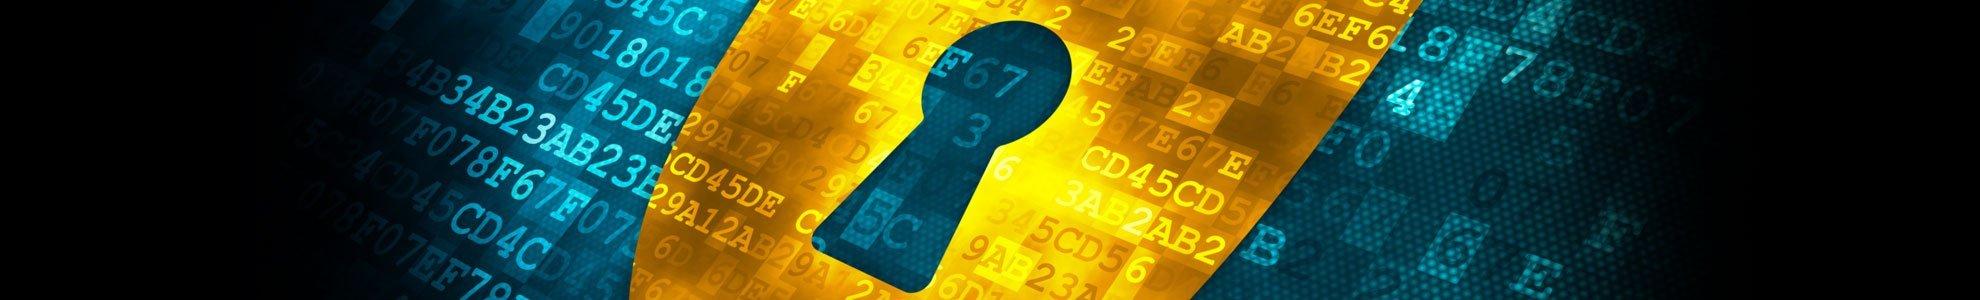 Westralian Insurance Cyber Insurance